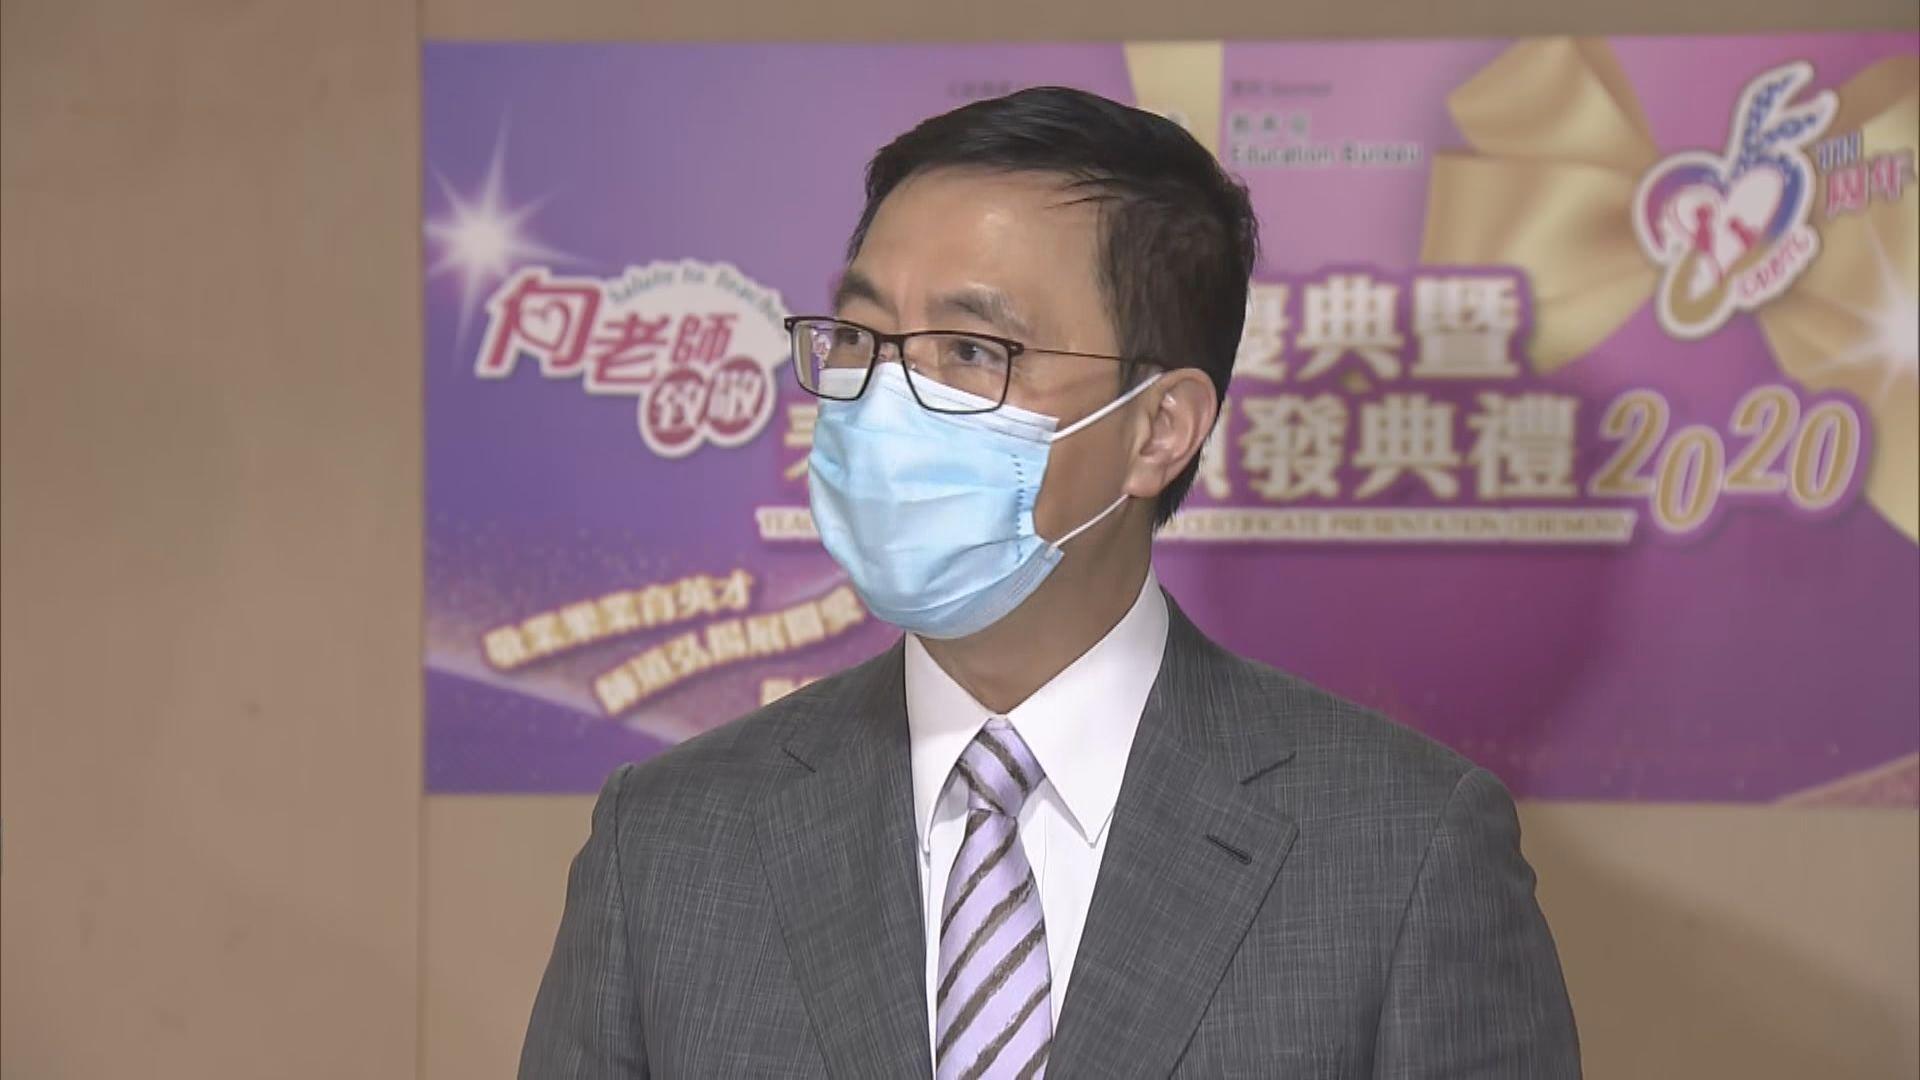 楊潤雄:暫無計劃恢復全日上課安排